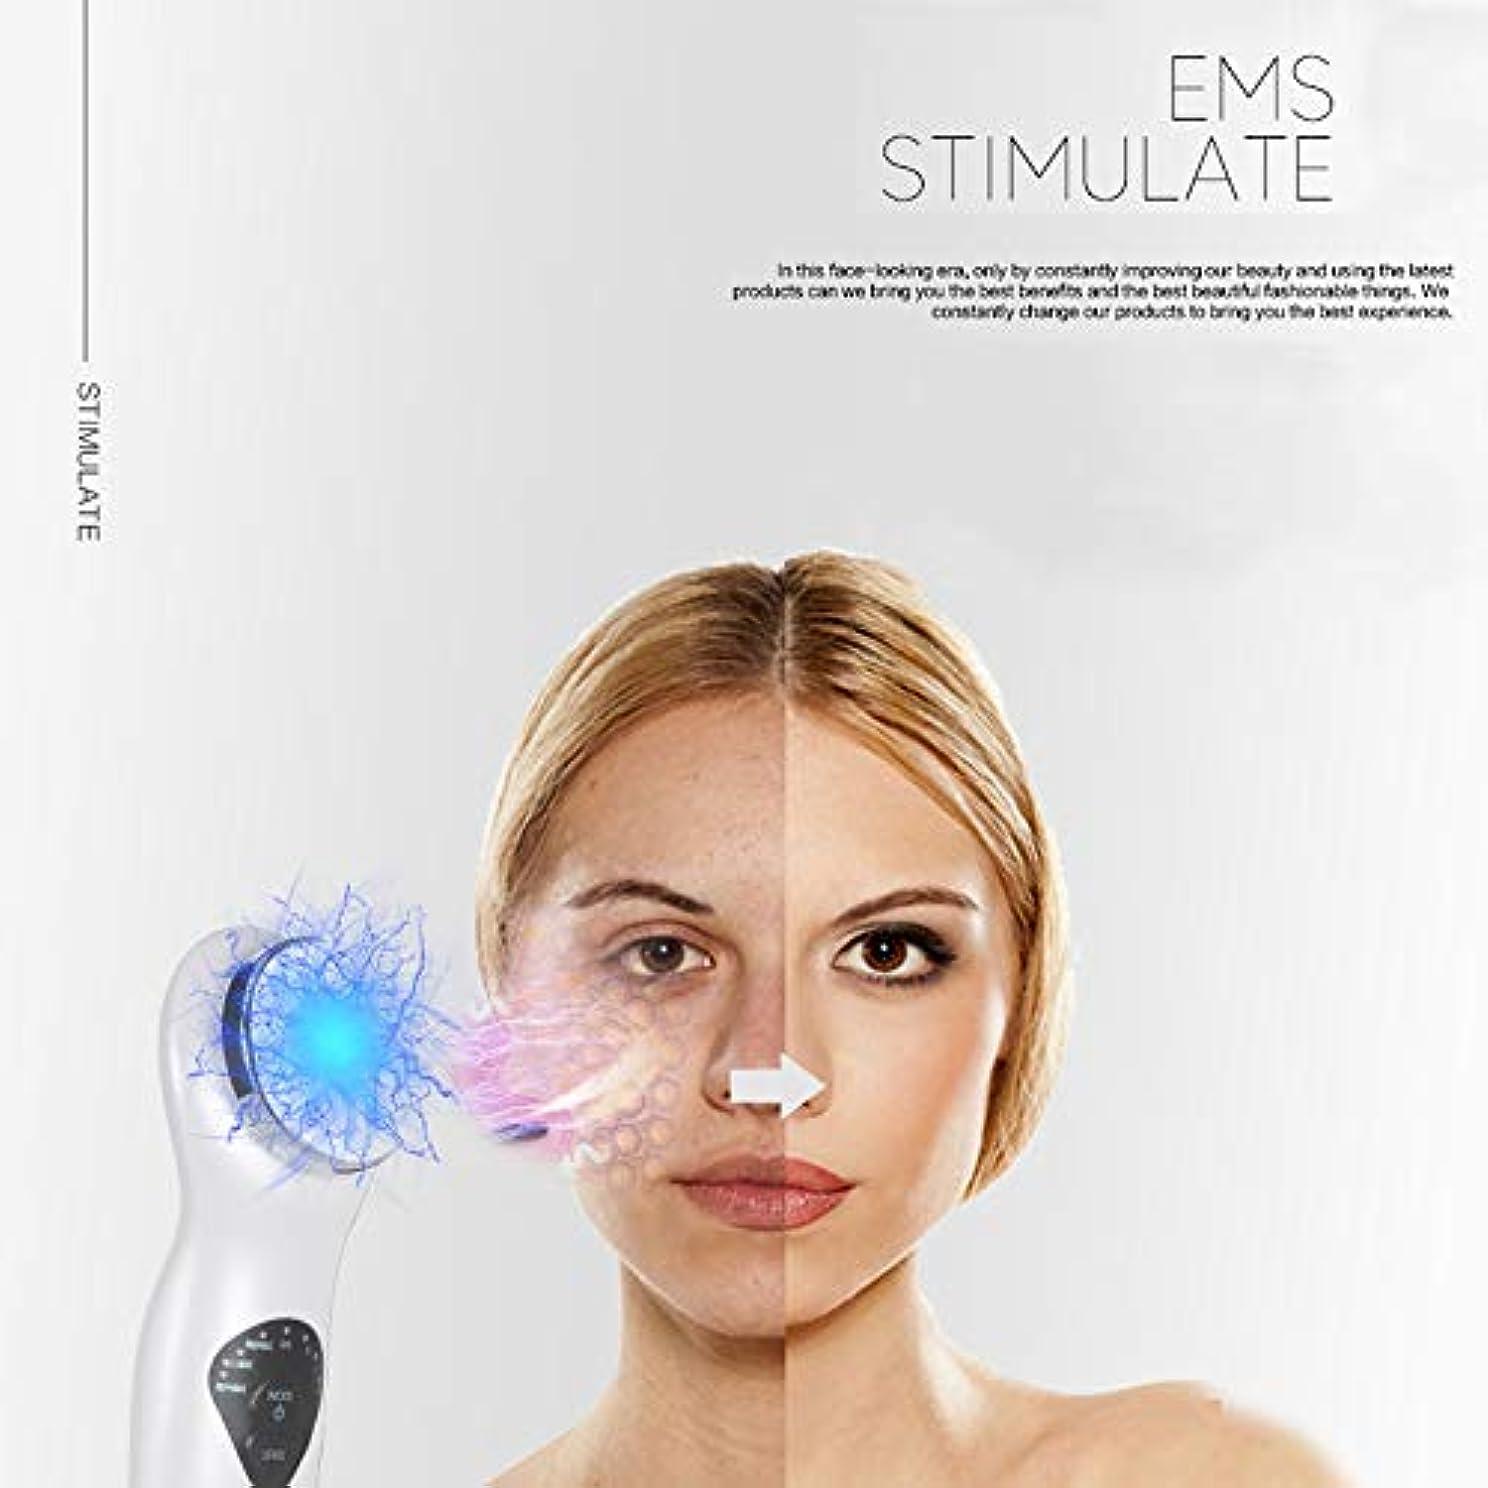 周り類人猿称賛超音波美容機器、EMSフェイシャルトーニングデバイス、マイクロカレントフェイシャルトーニングデバイス、フェイスリフトマシンスキンファーミングデバイス